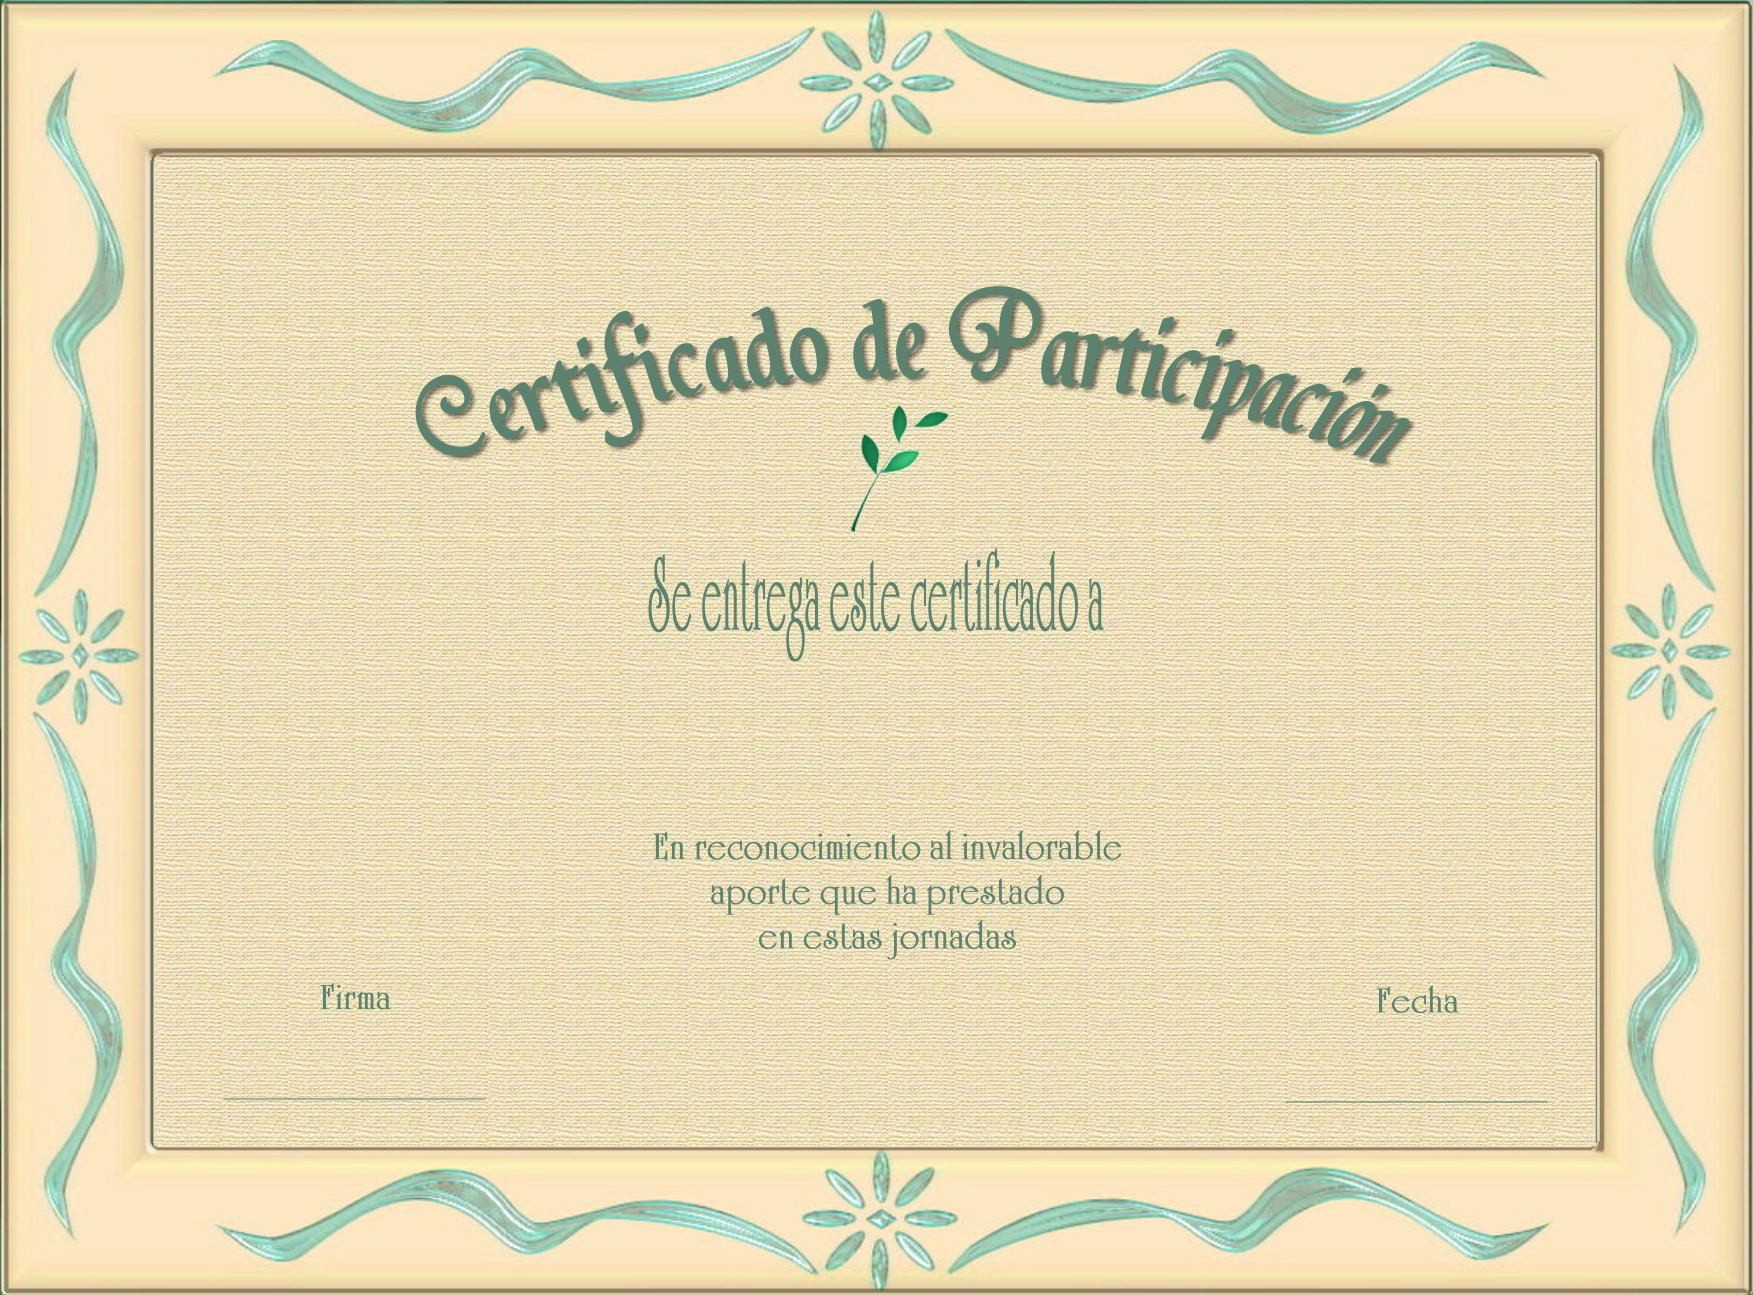 Ejemplos De Certificados De Reconocimiento Luxury Certificados De Reconocimiento Cristianos Imagen